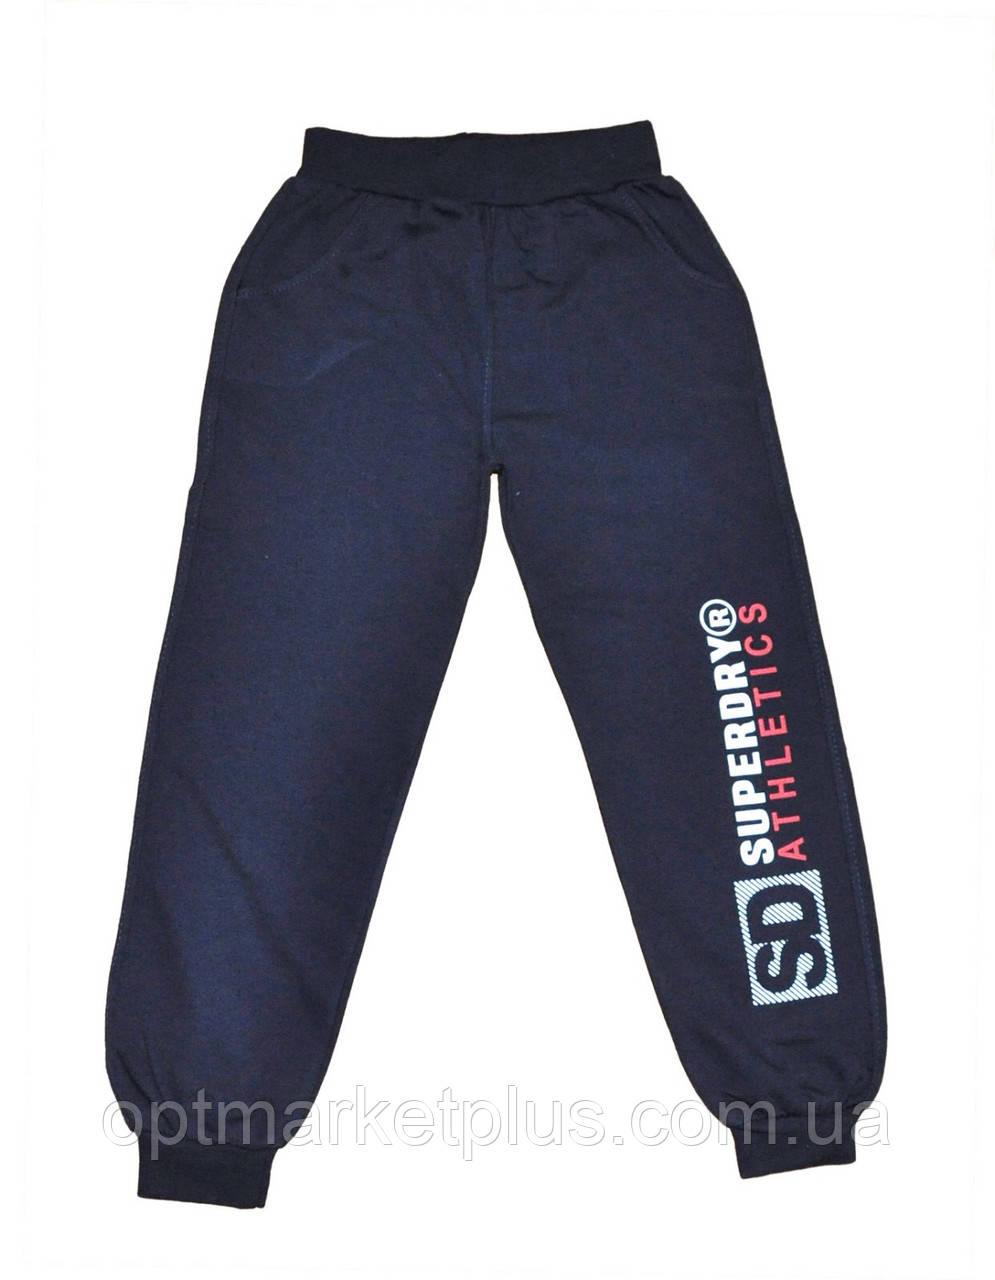 Спортивные подростковые штаны, трикотаж (9-12 лет) Турция оптом купить от склада 7 км Одесса